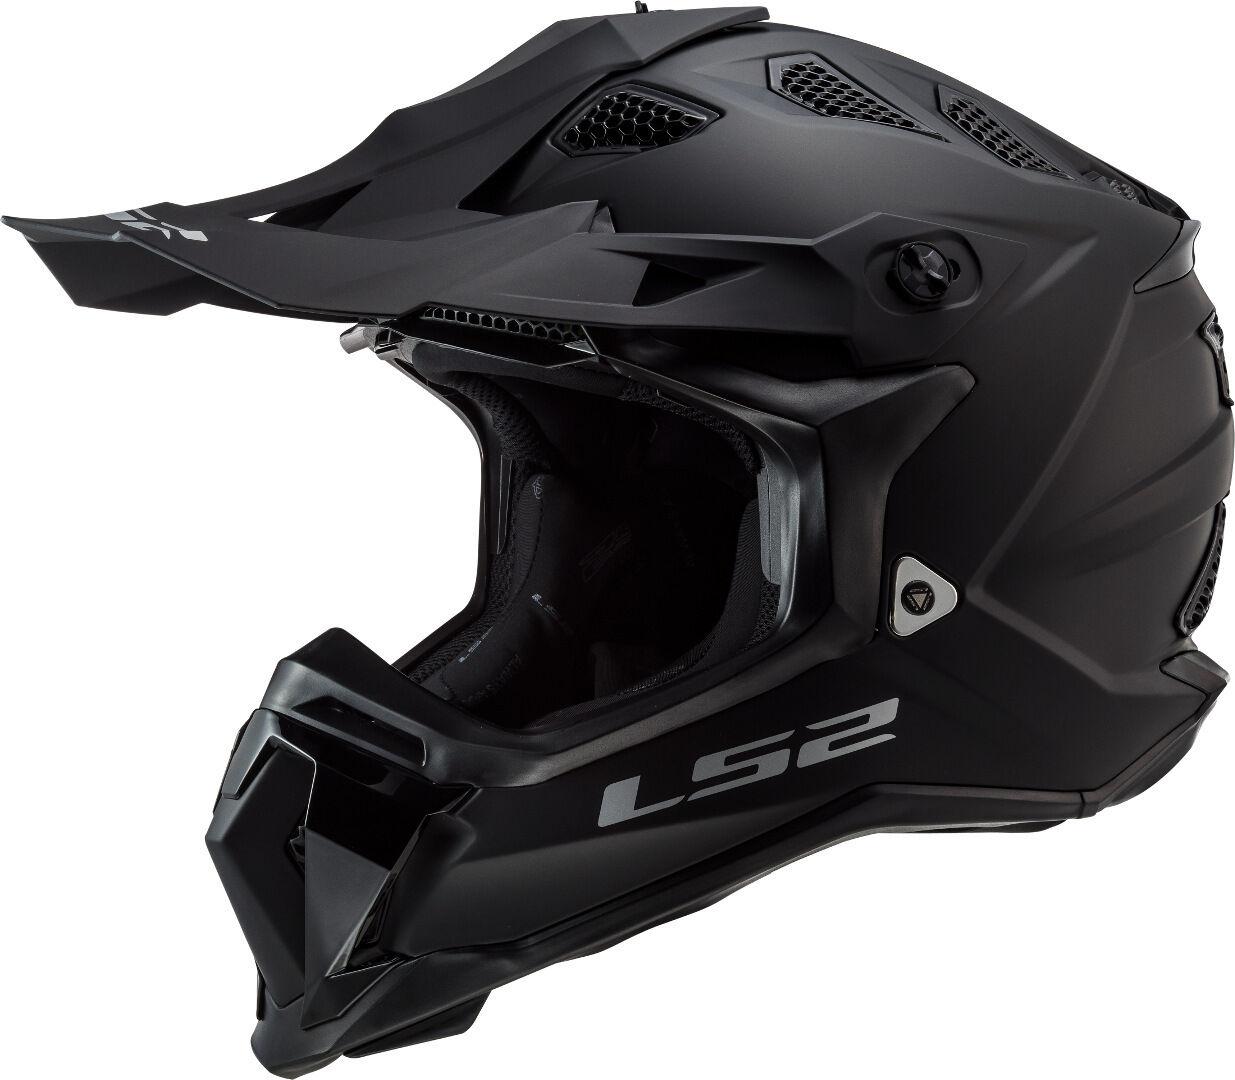 LS2 MX470 Subverter Noir Casco motocross